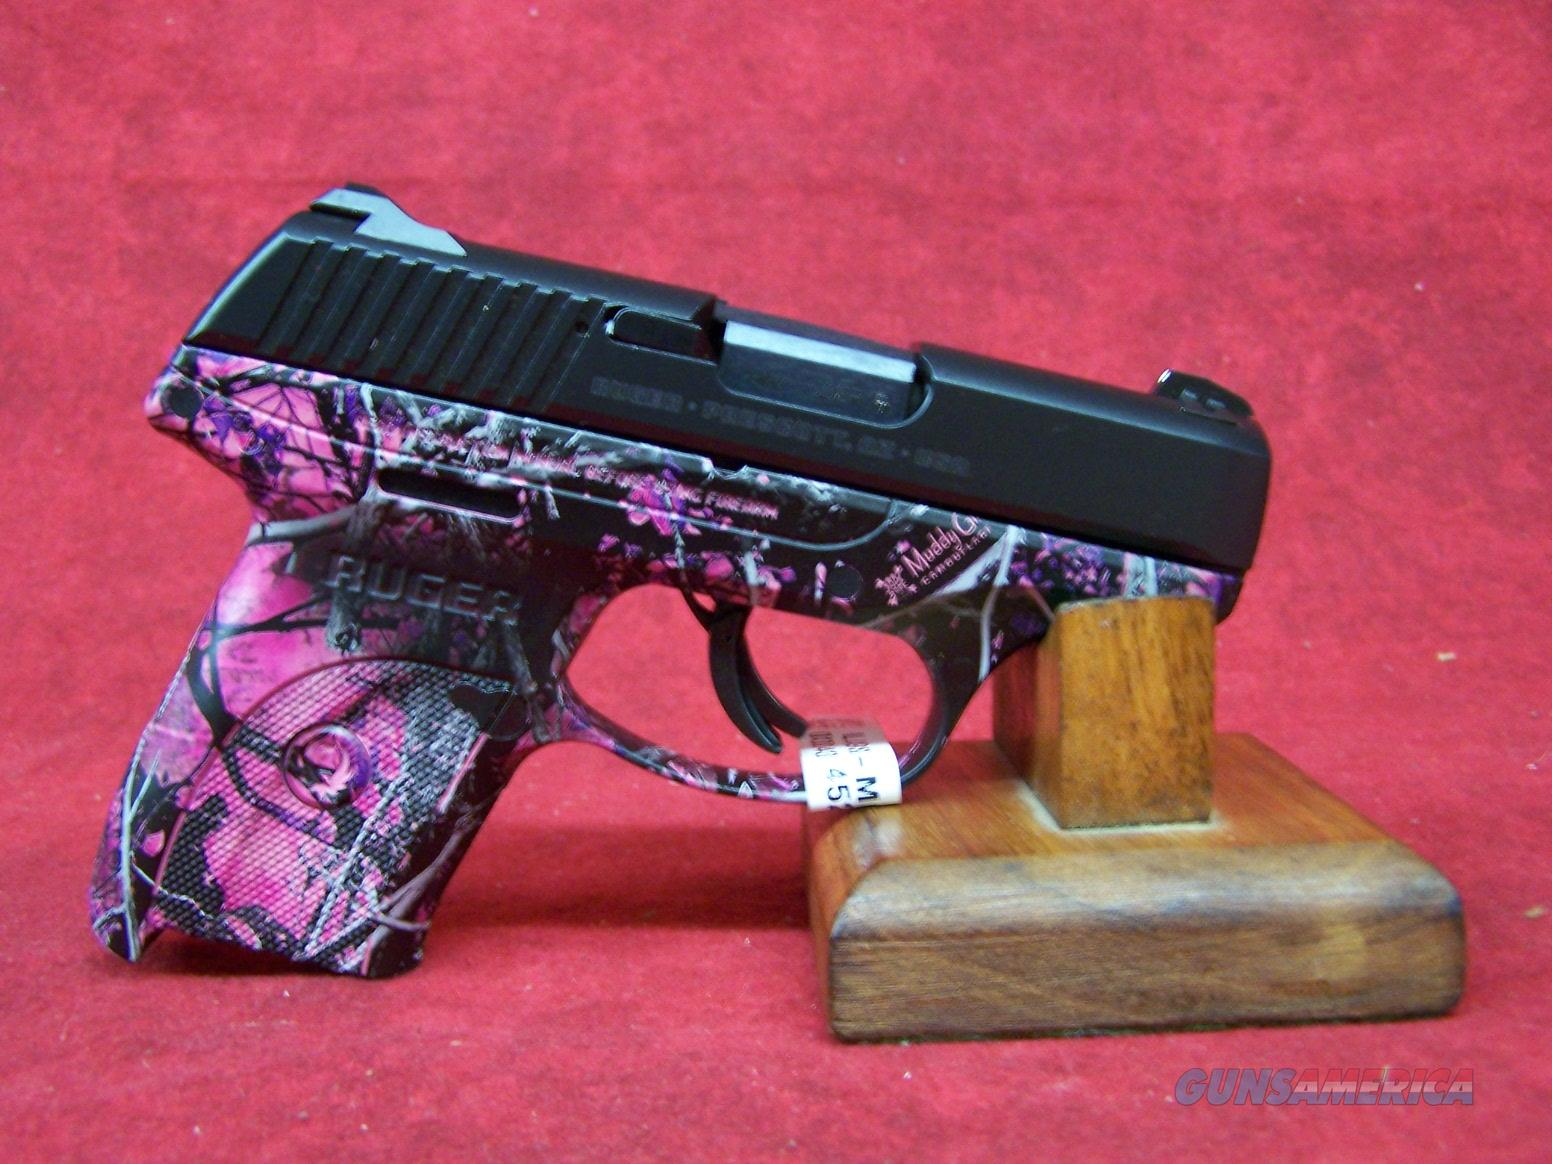 Ruger Lc9s 9mm Muddy Camo 3 12 Barrel 03243 Guns Pistols